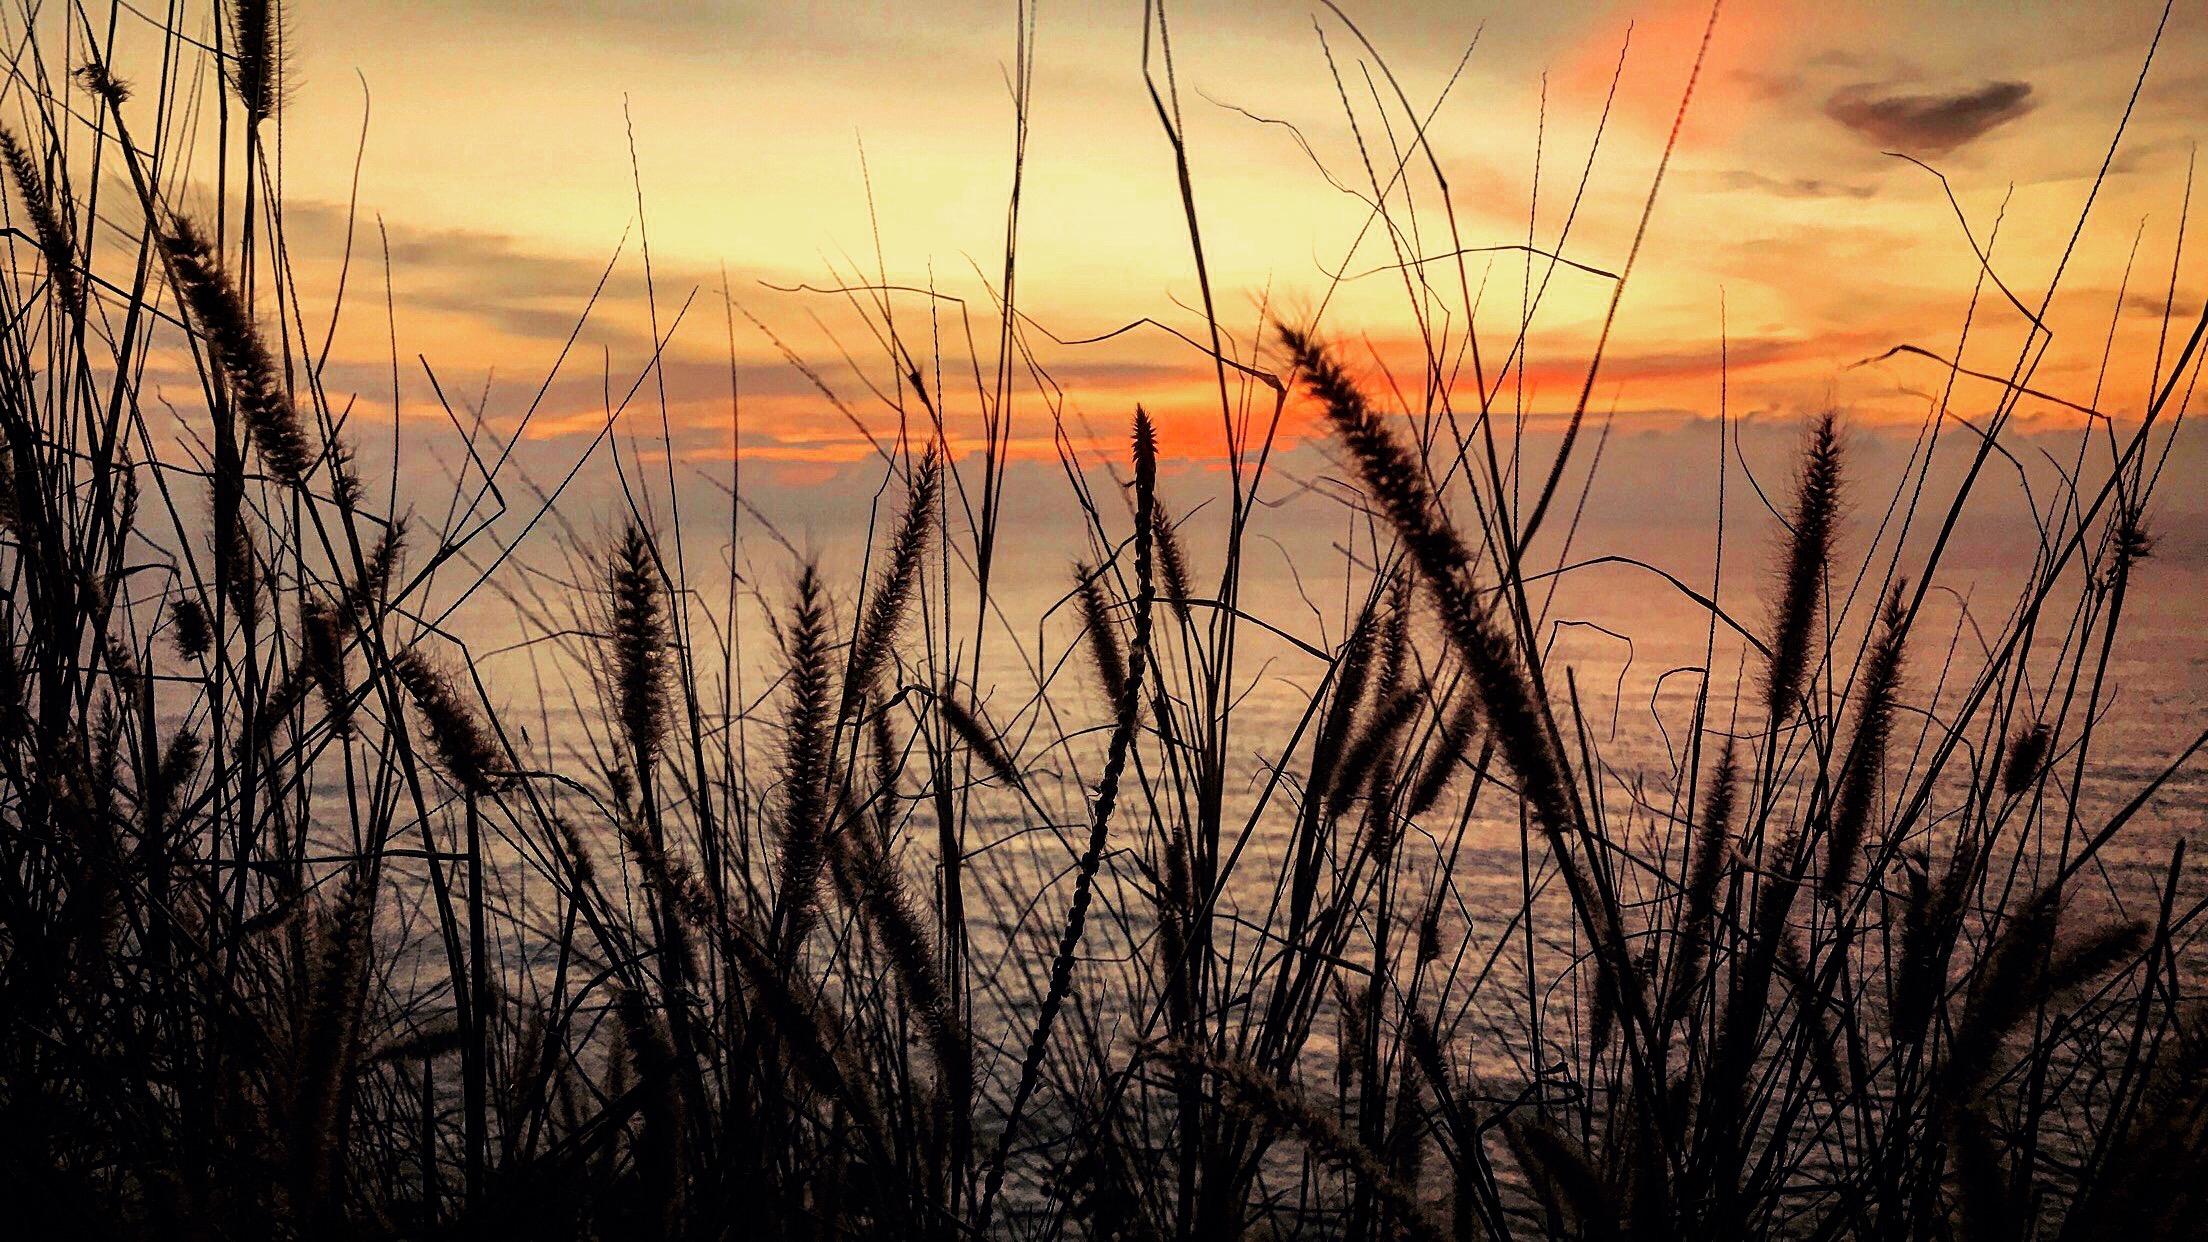 Sunset at Phuket Island